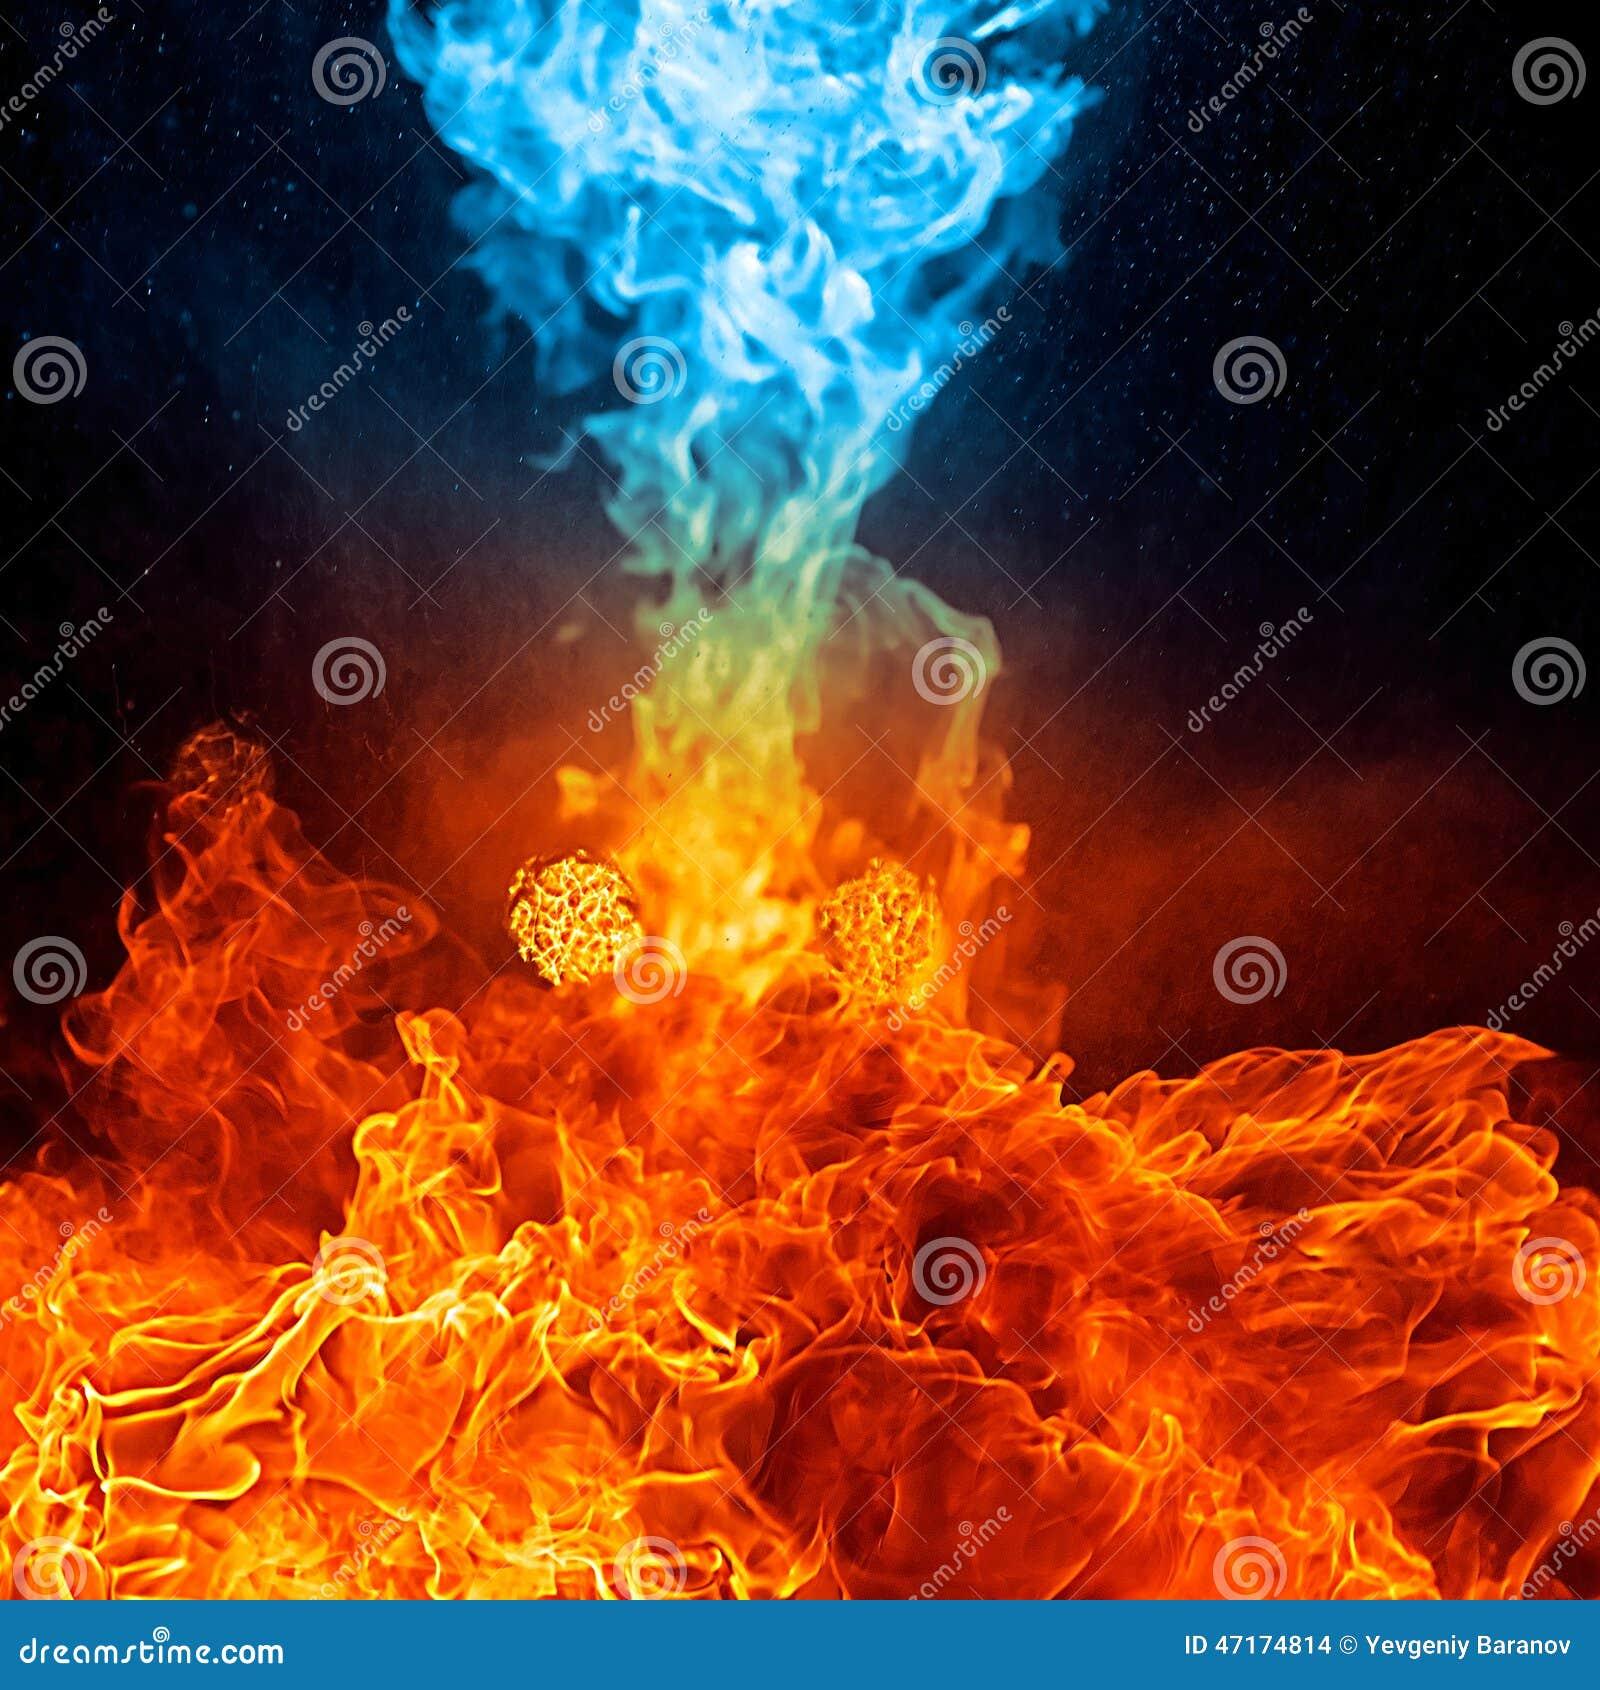 le feu rouge et bleu sur le fond arri re photo stock image 47174814. Black Bedroom Furniture Sets. Home Design Ideas